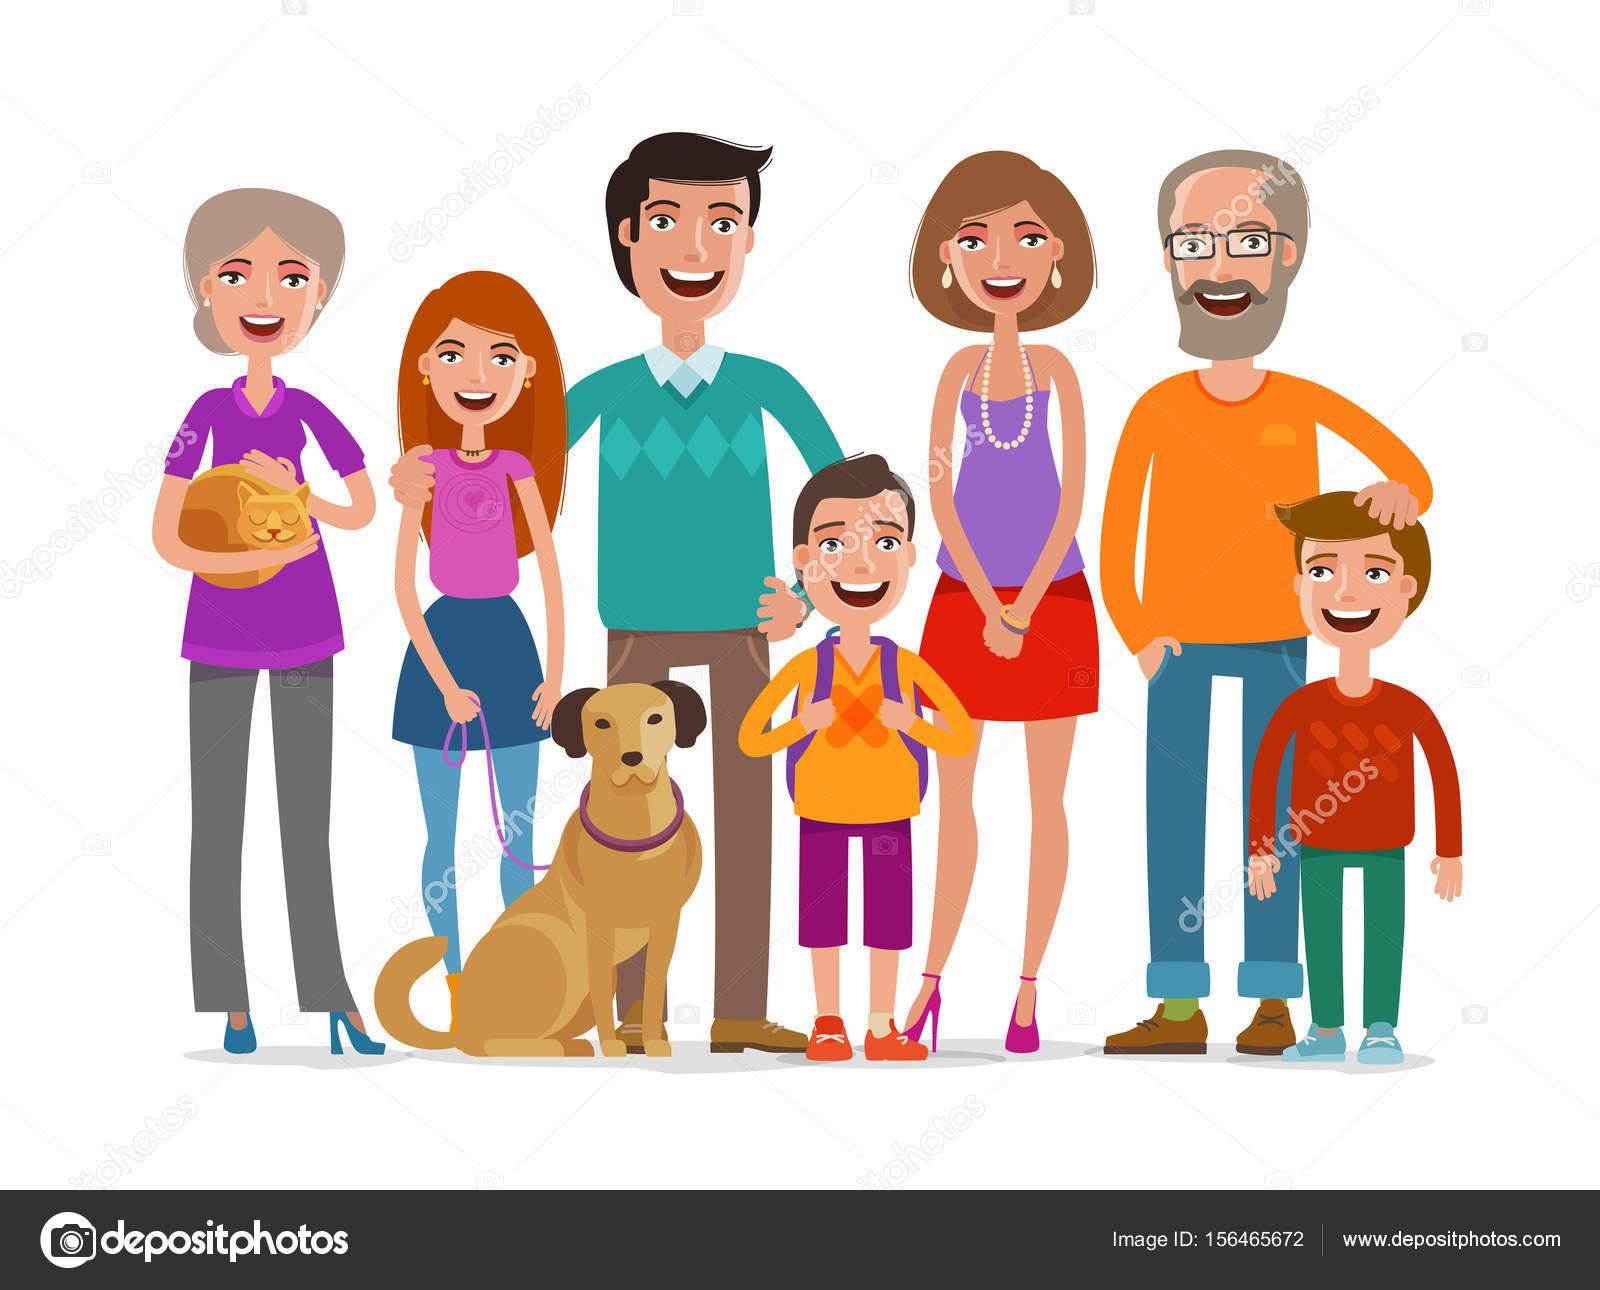 Dibujos: Animados De Grupos De Personas